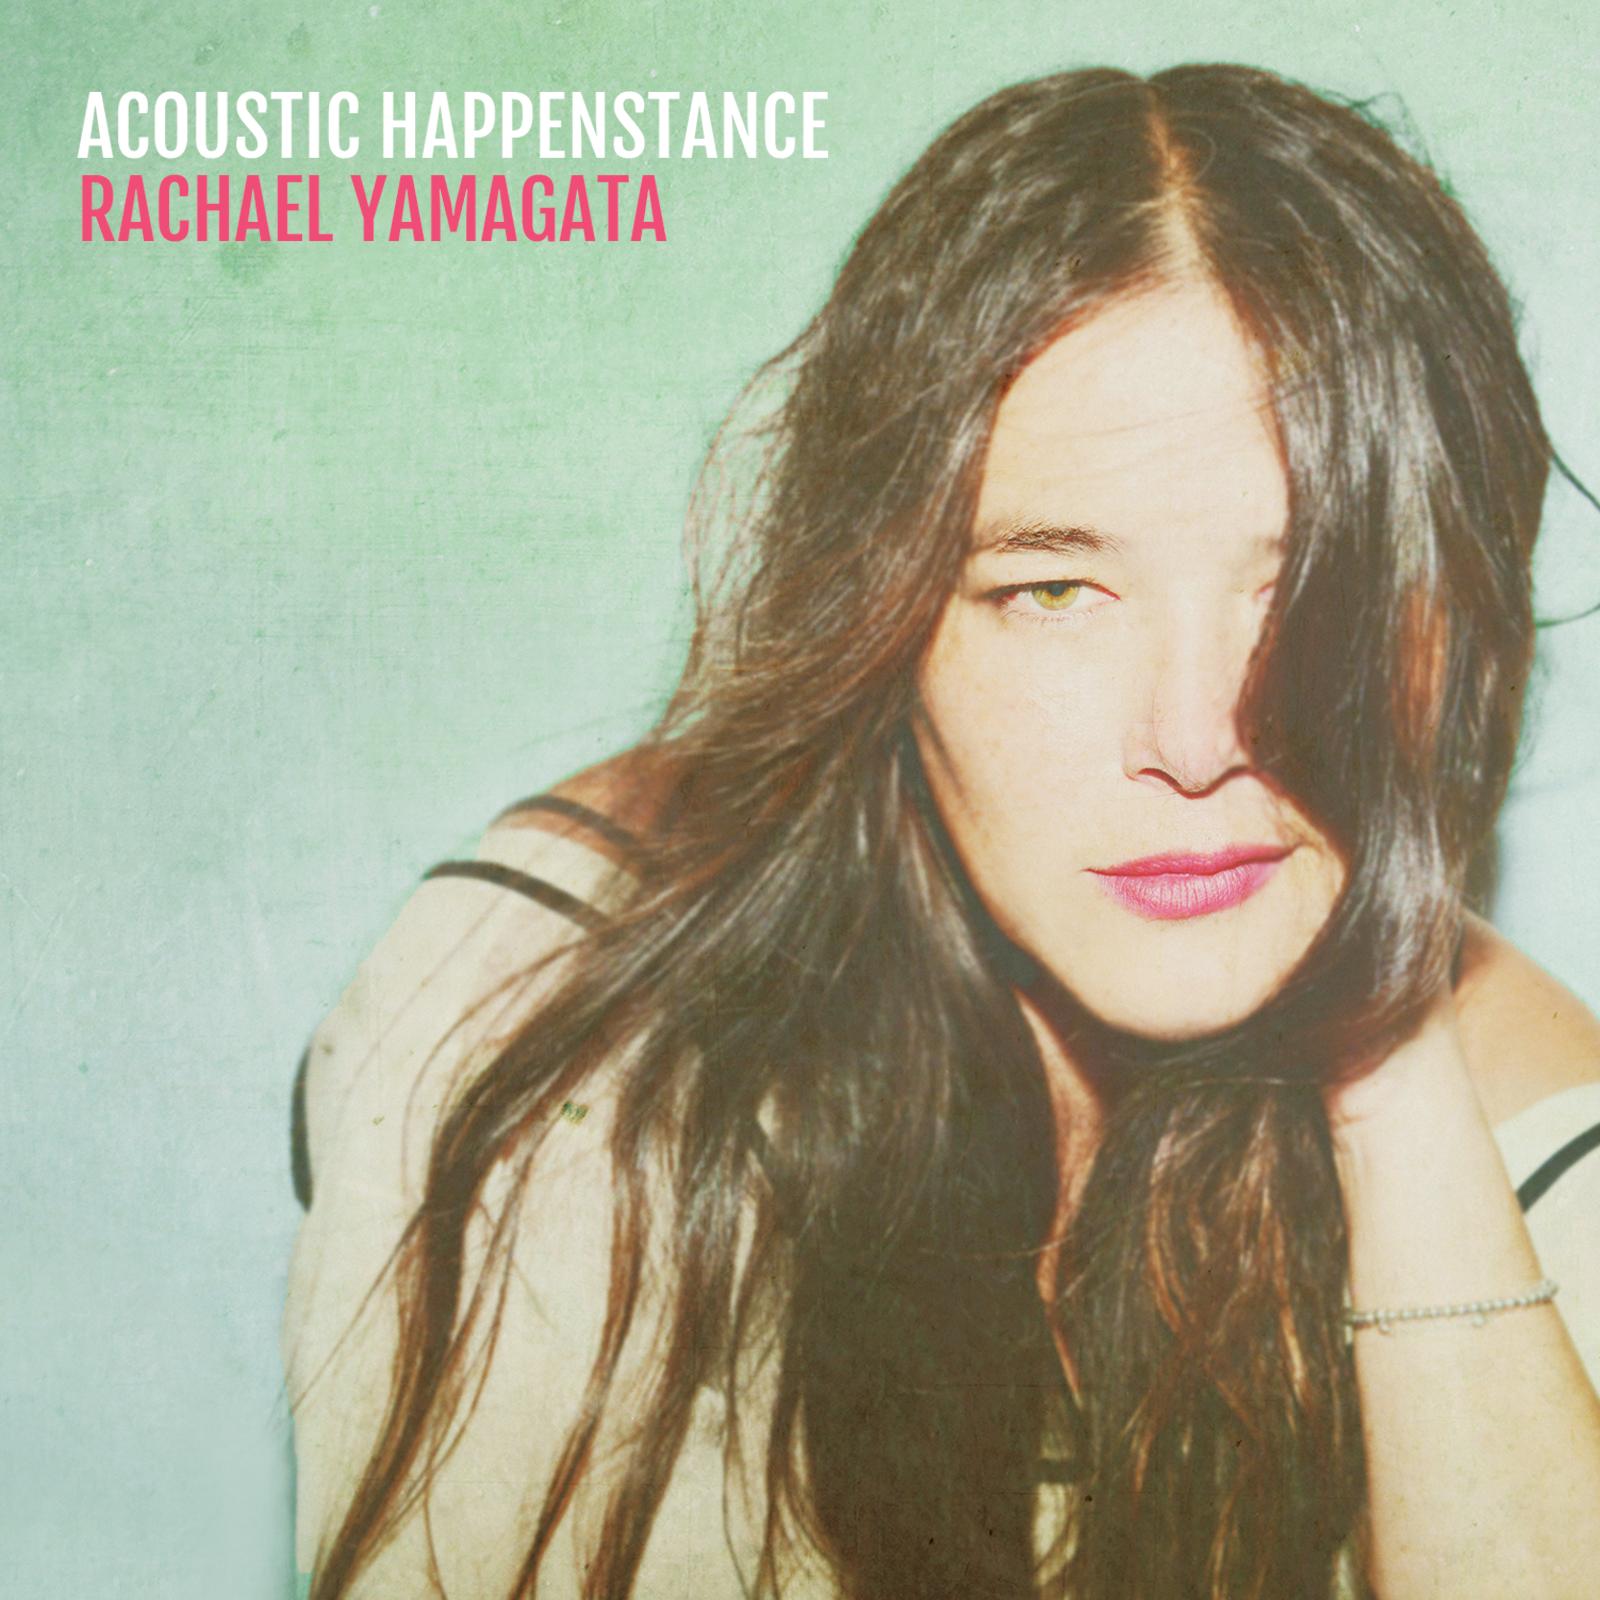 Acoustic Happenstance